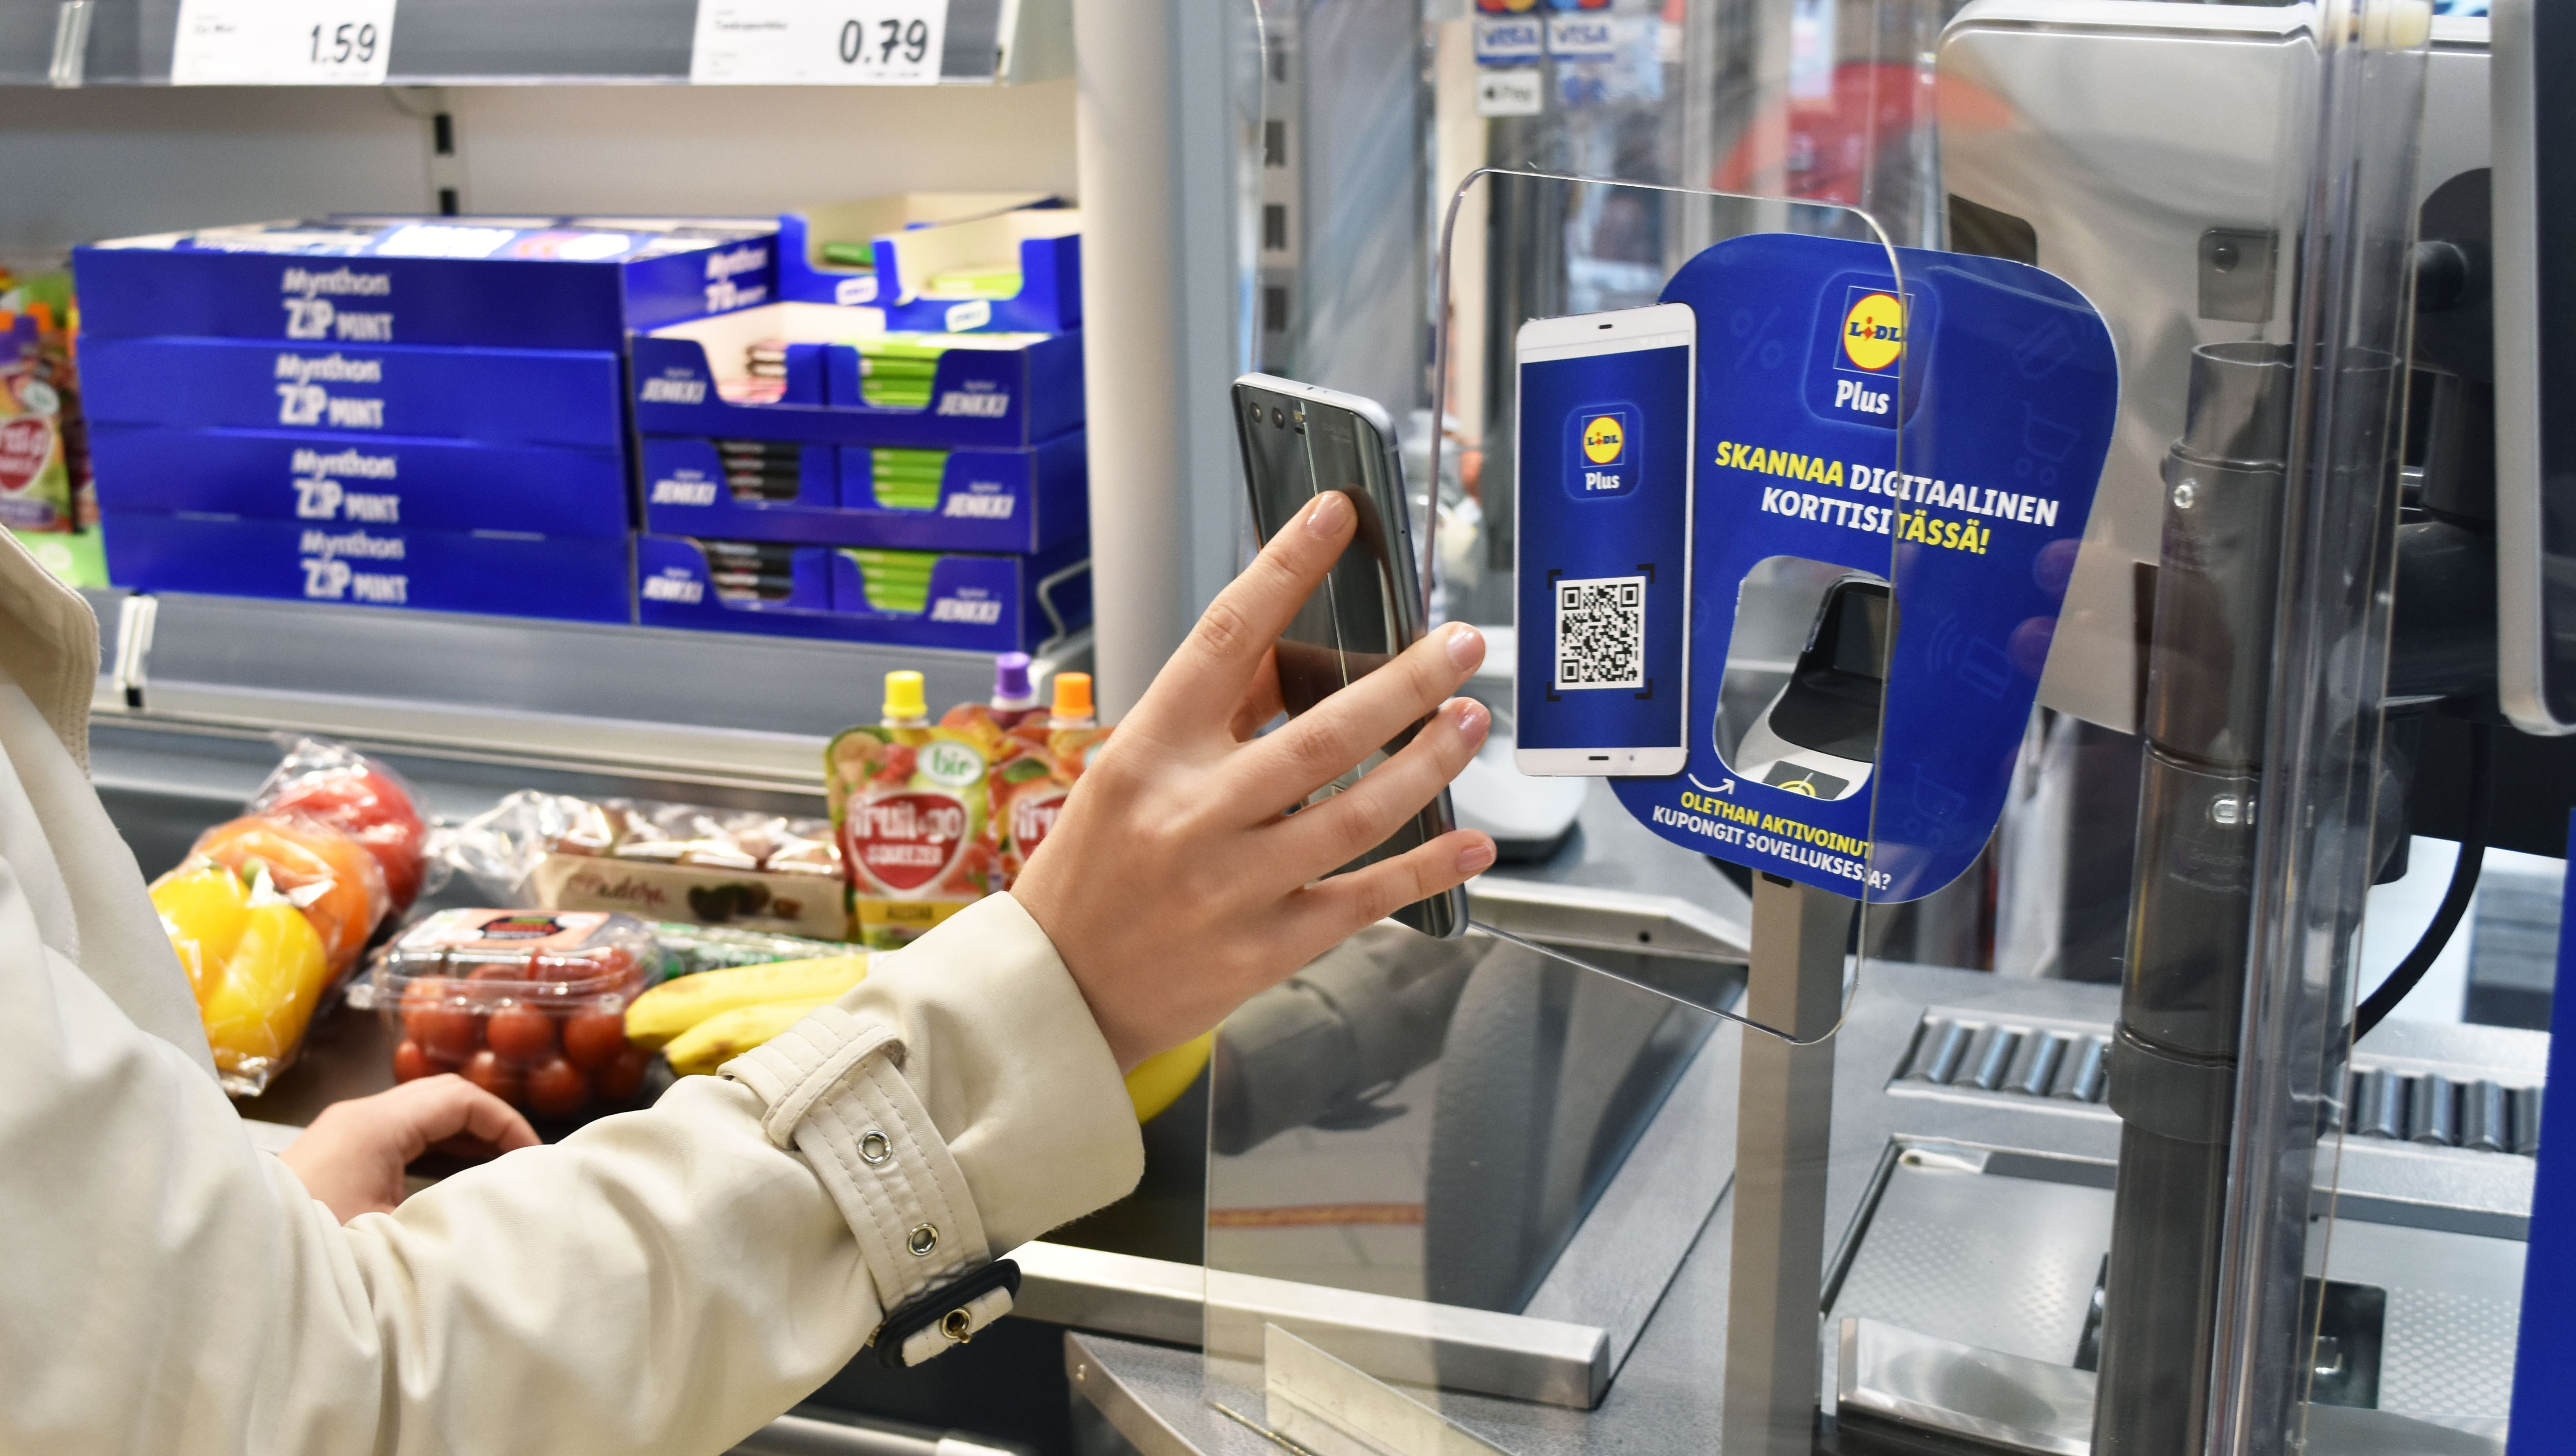 Yritykset valittavat työvoimapulaa ja Lidl mainostaa palkkojaan juna-asemilla – tästäkö alkaa palkkaralli?